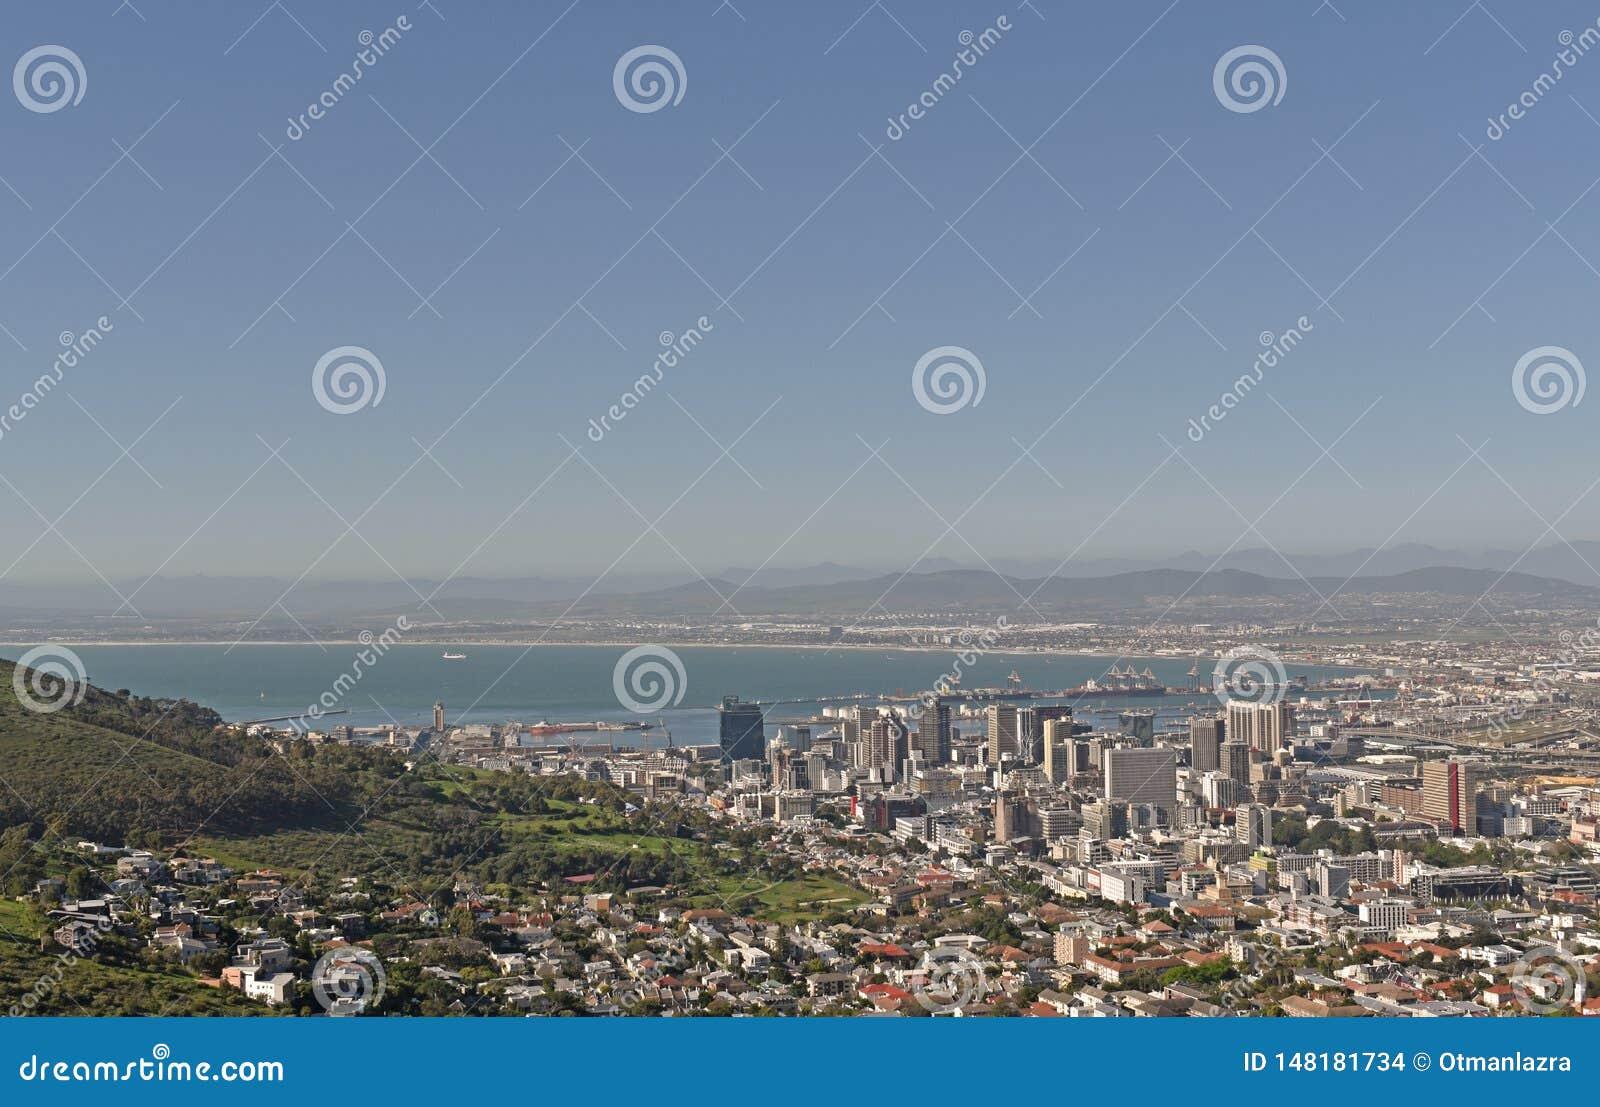 Widok z lotu ptaka centrali dzielnica biznesu Kapsztad jak widzieć od Sygnałowego wzgórza i schronienie